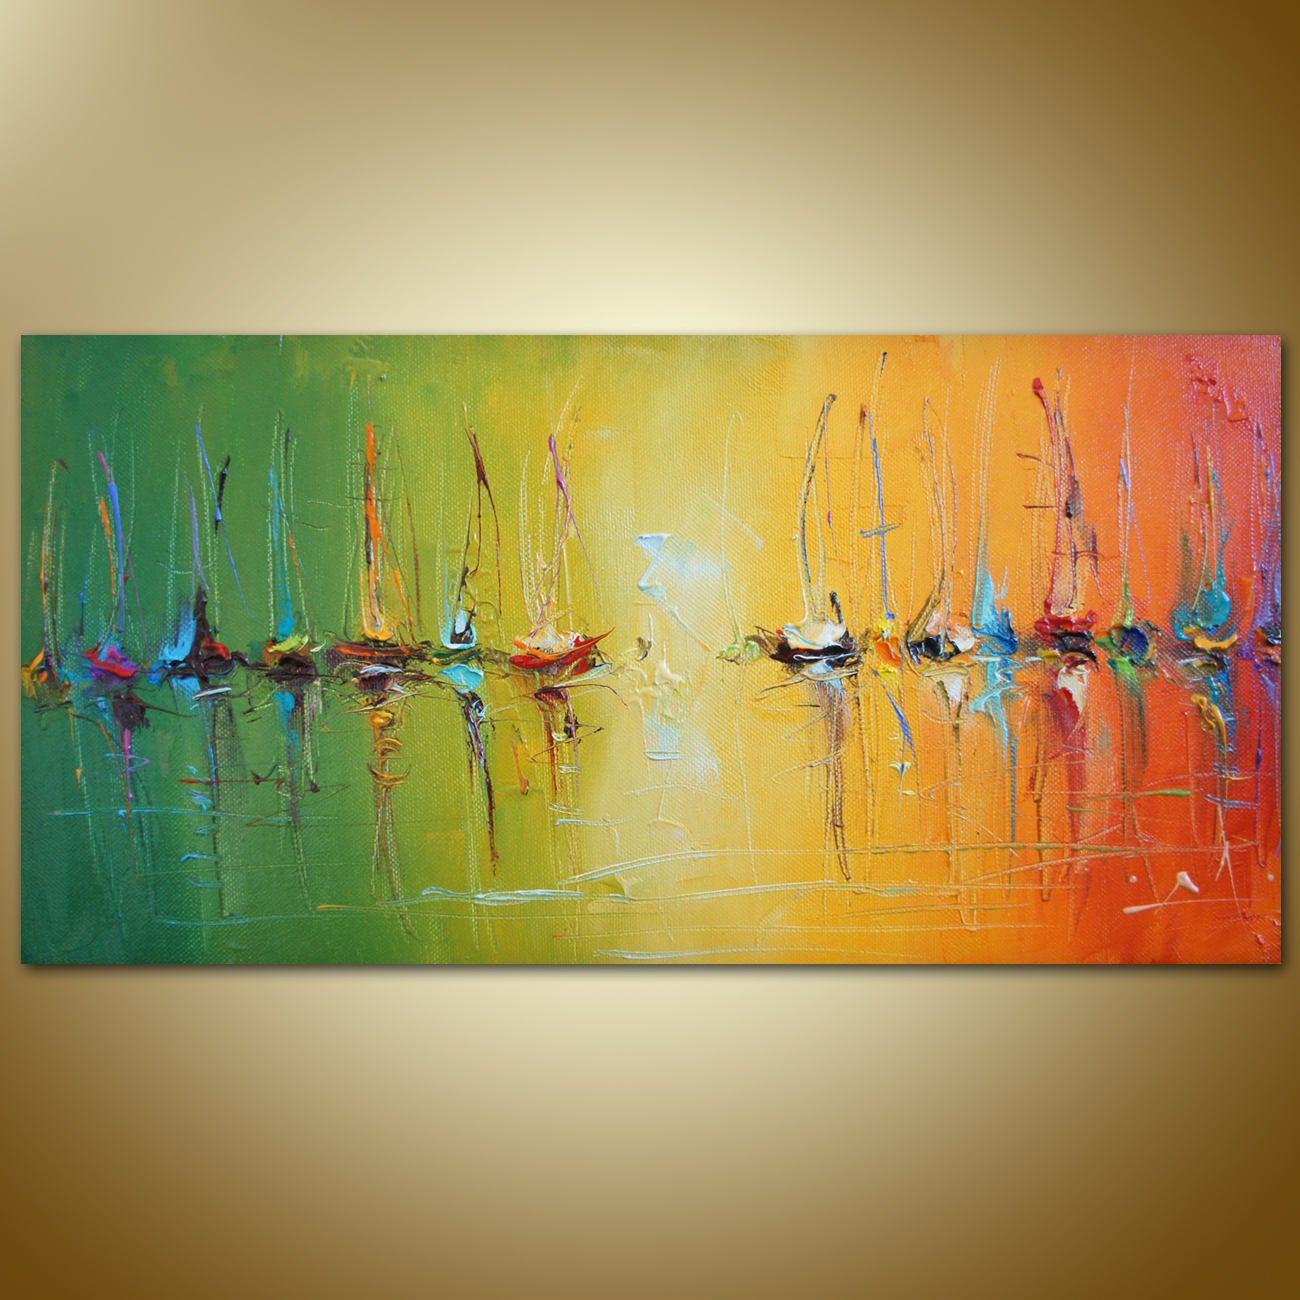 Abstract Painting Sailboats Painting Original Artwork